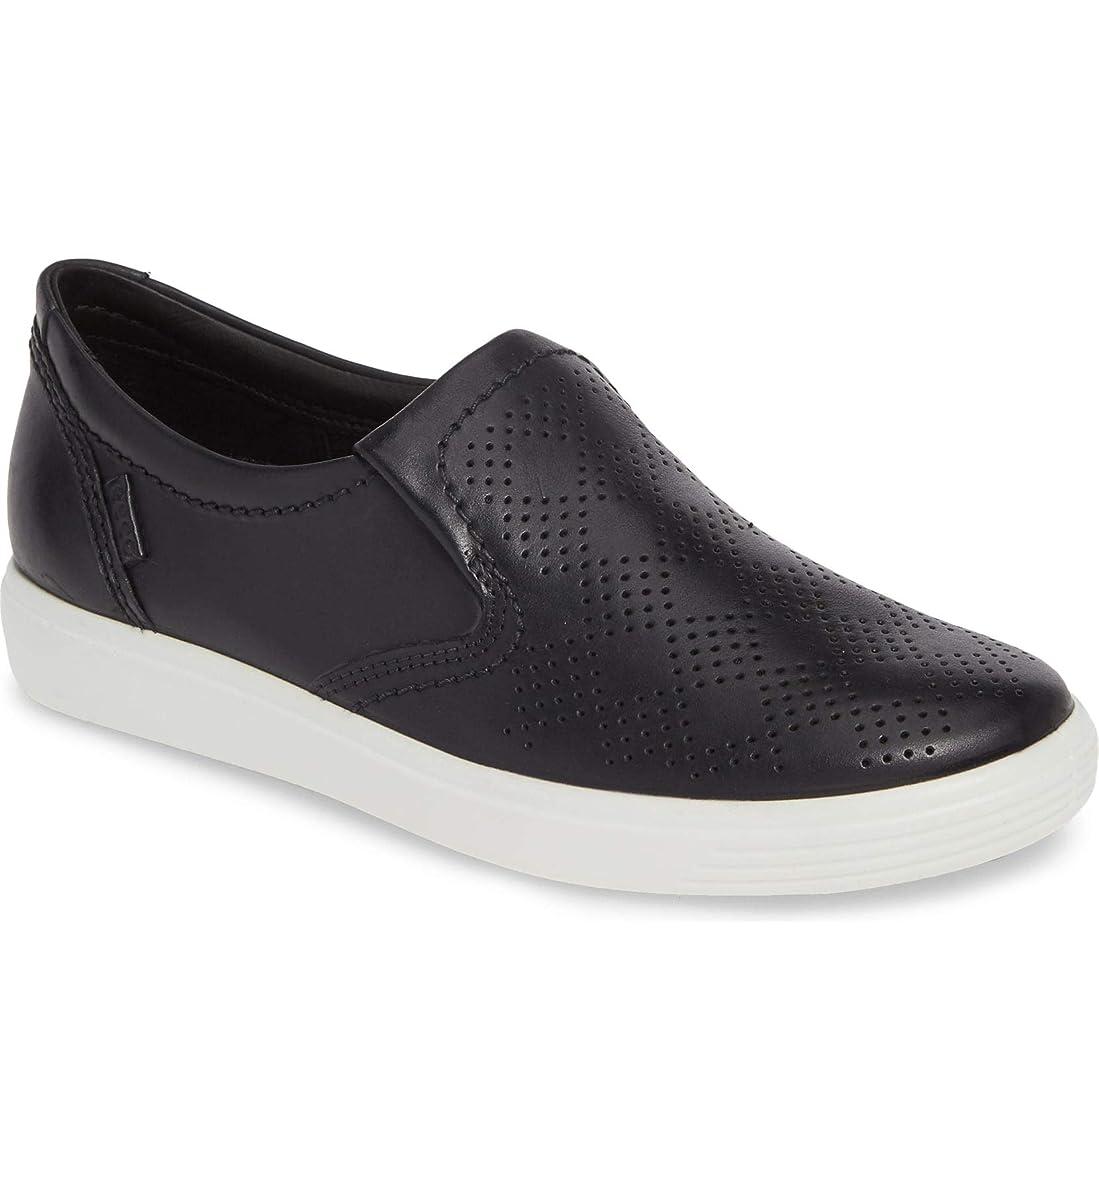 消毒する波パプアニューギニア[エコー] レディース スニーカー Soft 7 Perforated Slip-On Sneaker ([並行輸入品]